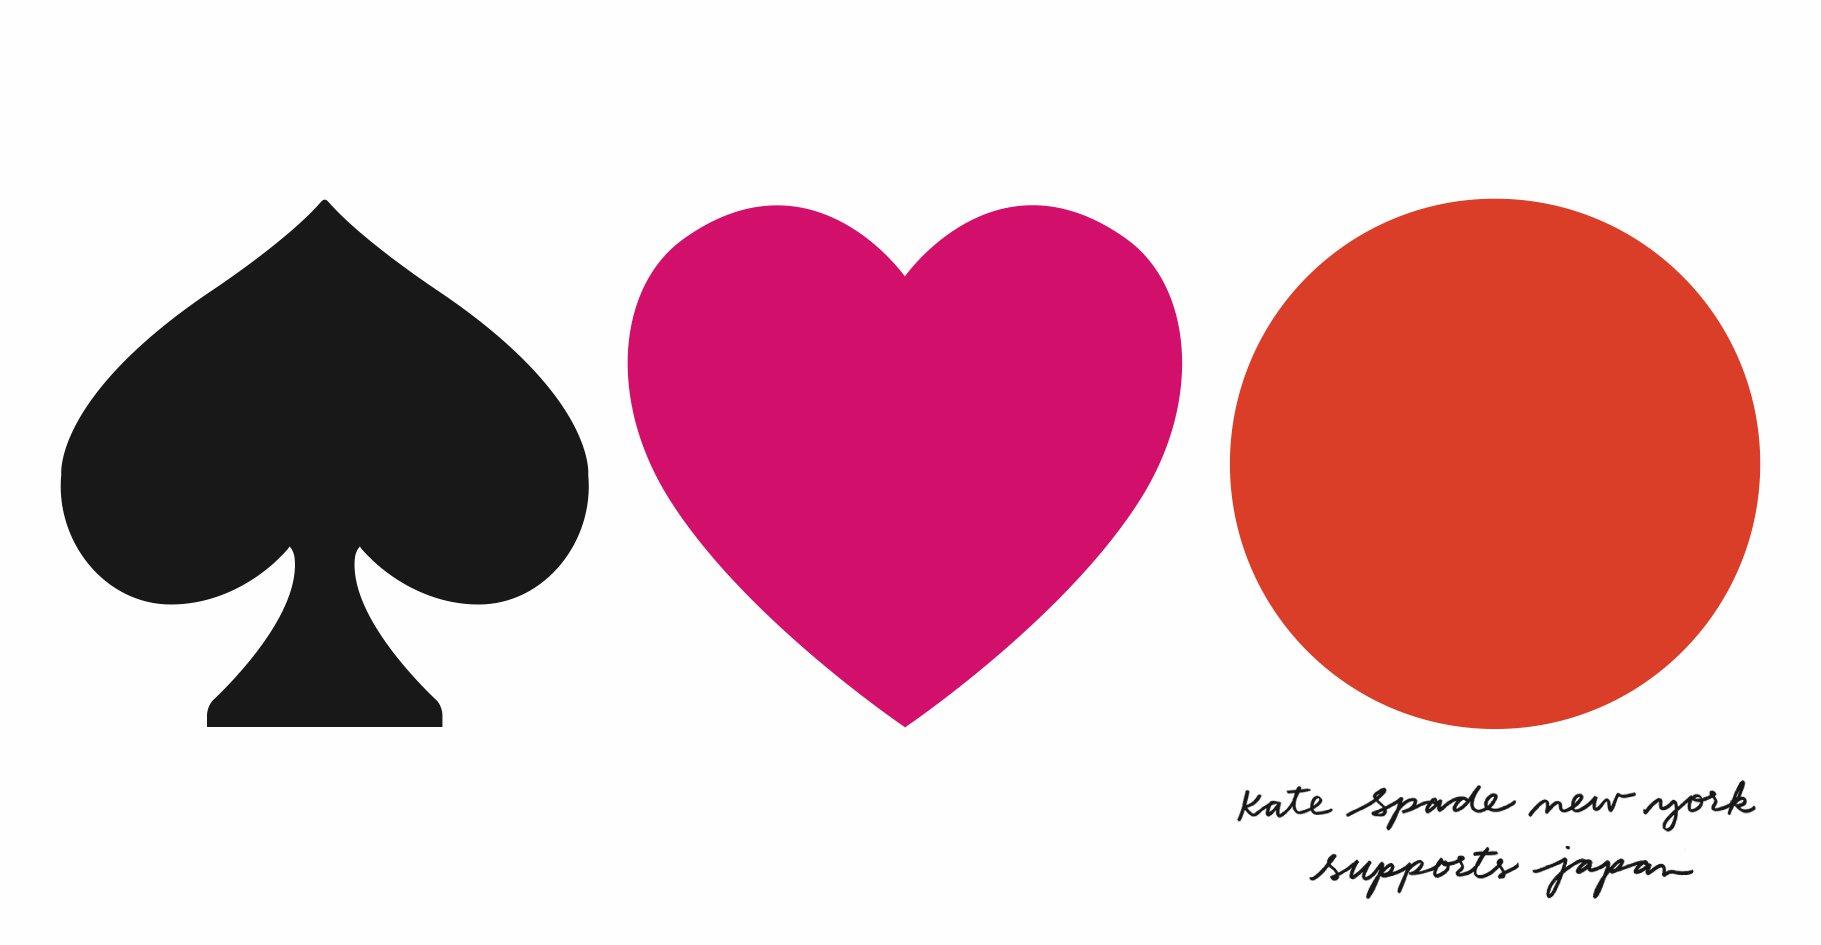 Kate Spade Logos